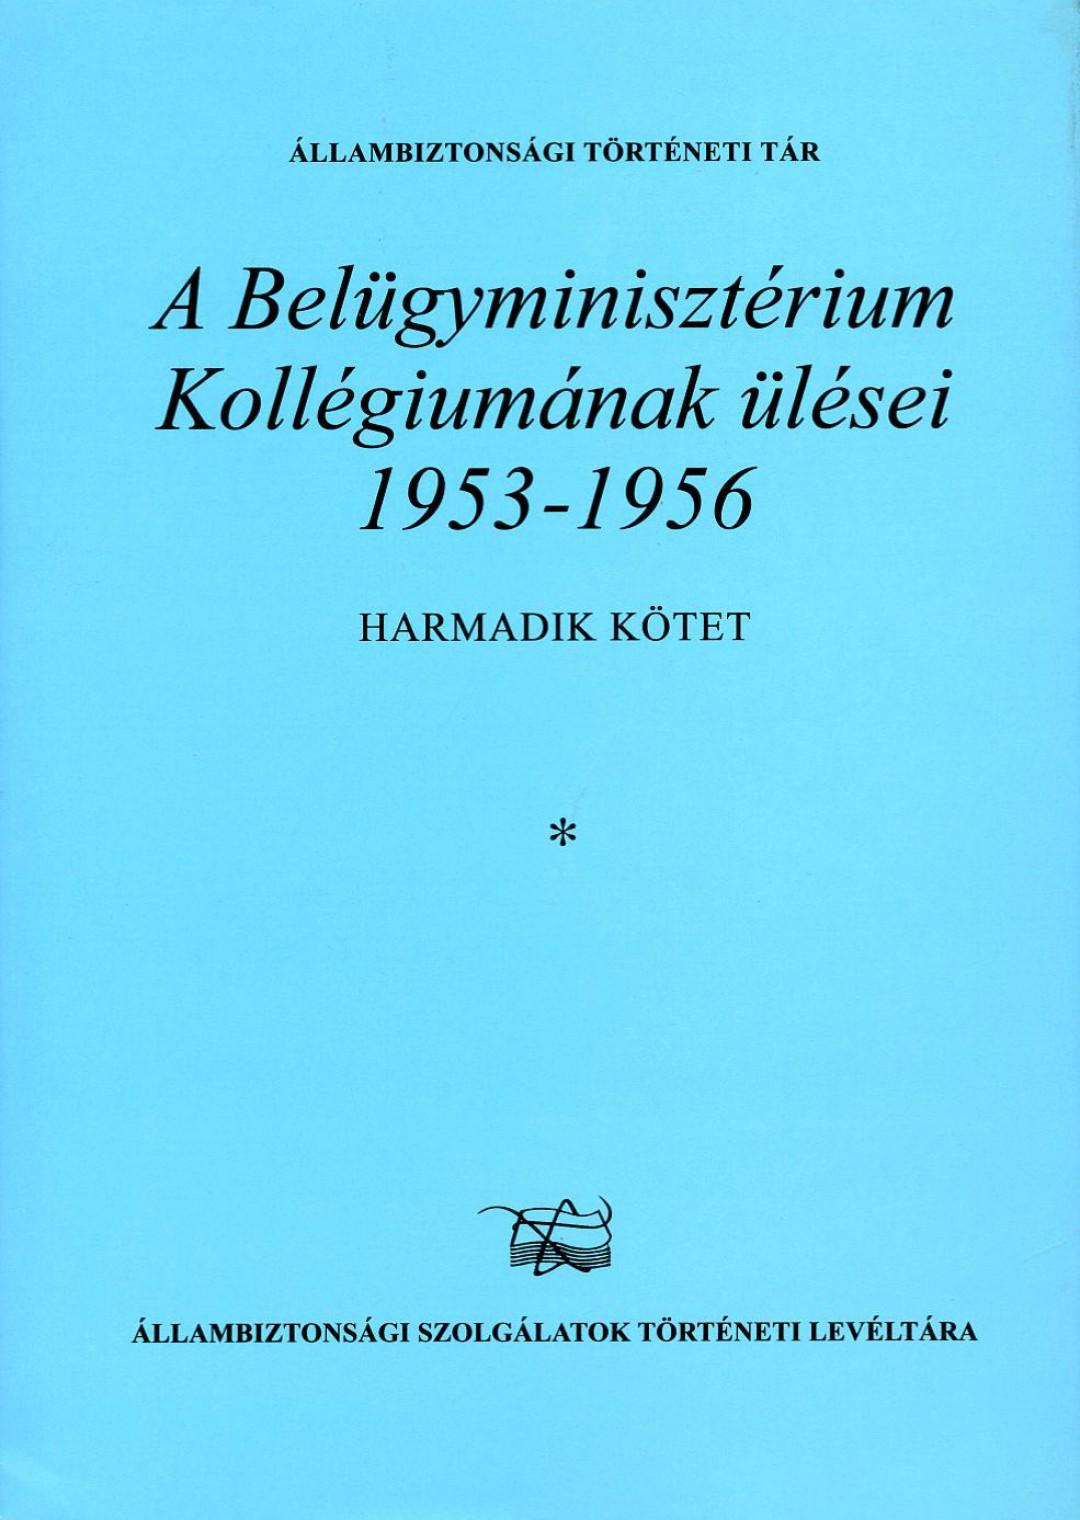 A Belügyminisztérium Kollégiumának ülései 1953-1956- III. kötet *